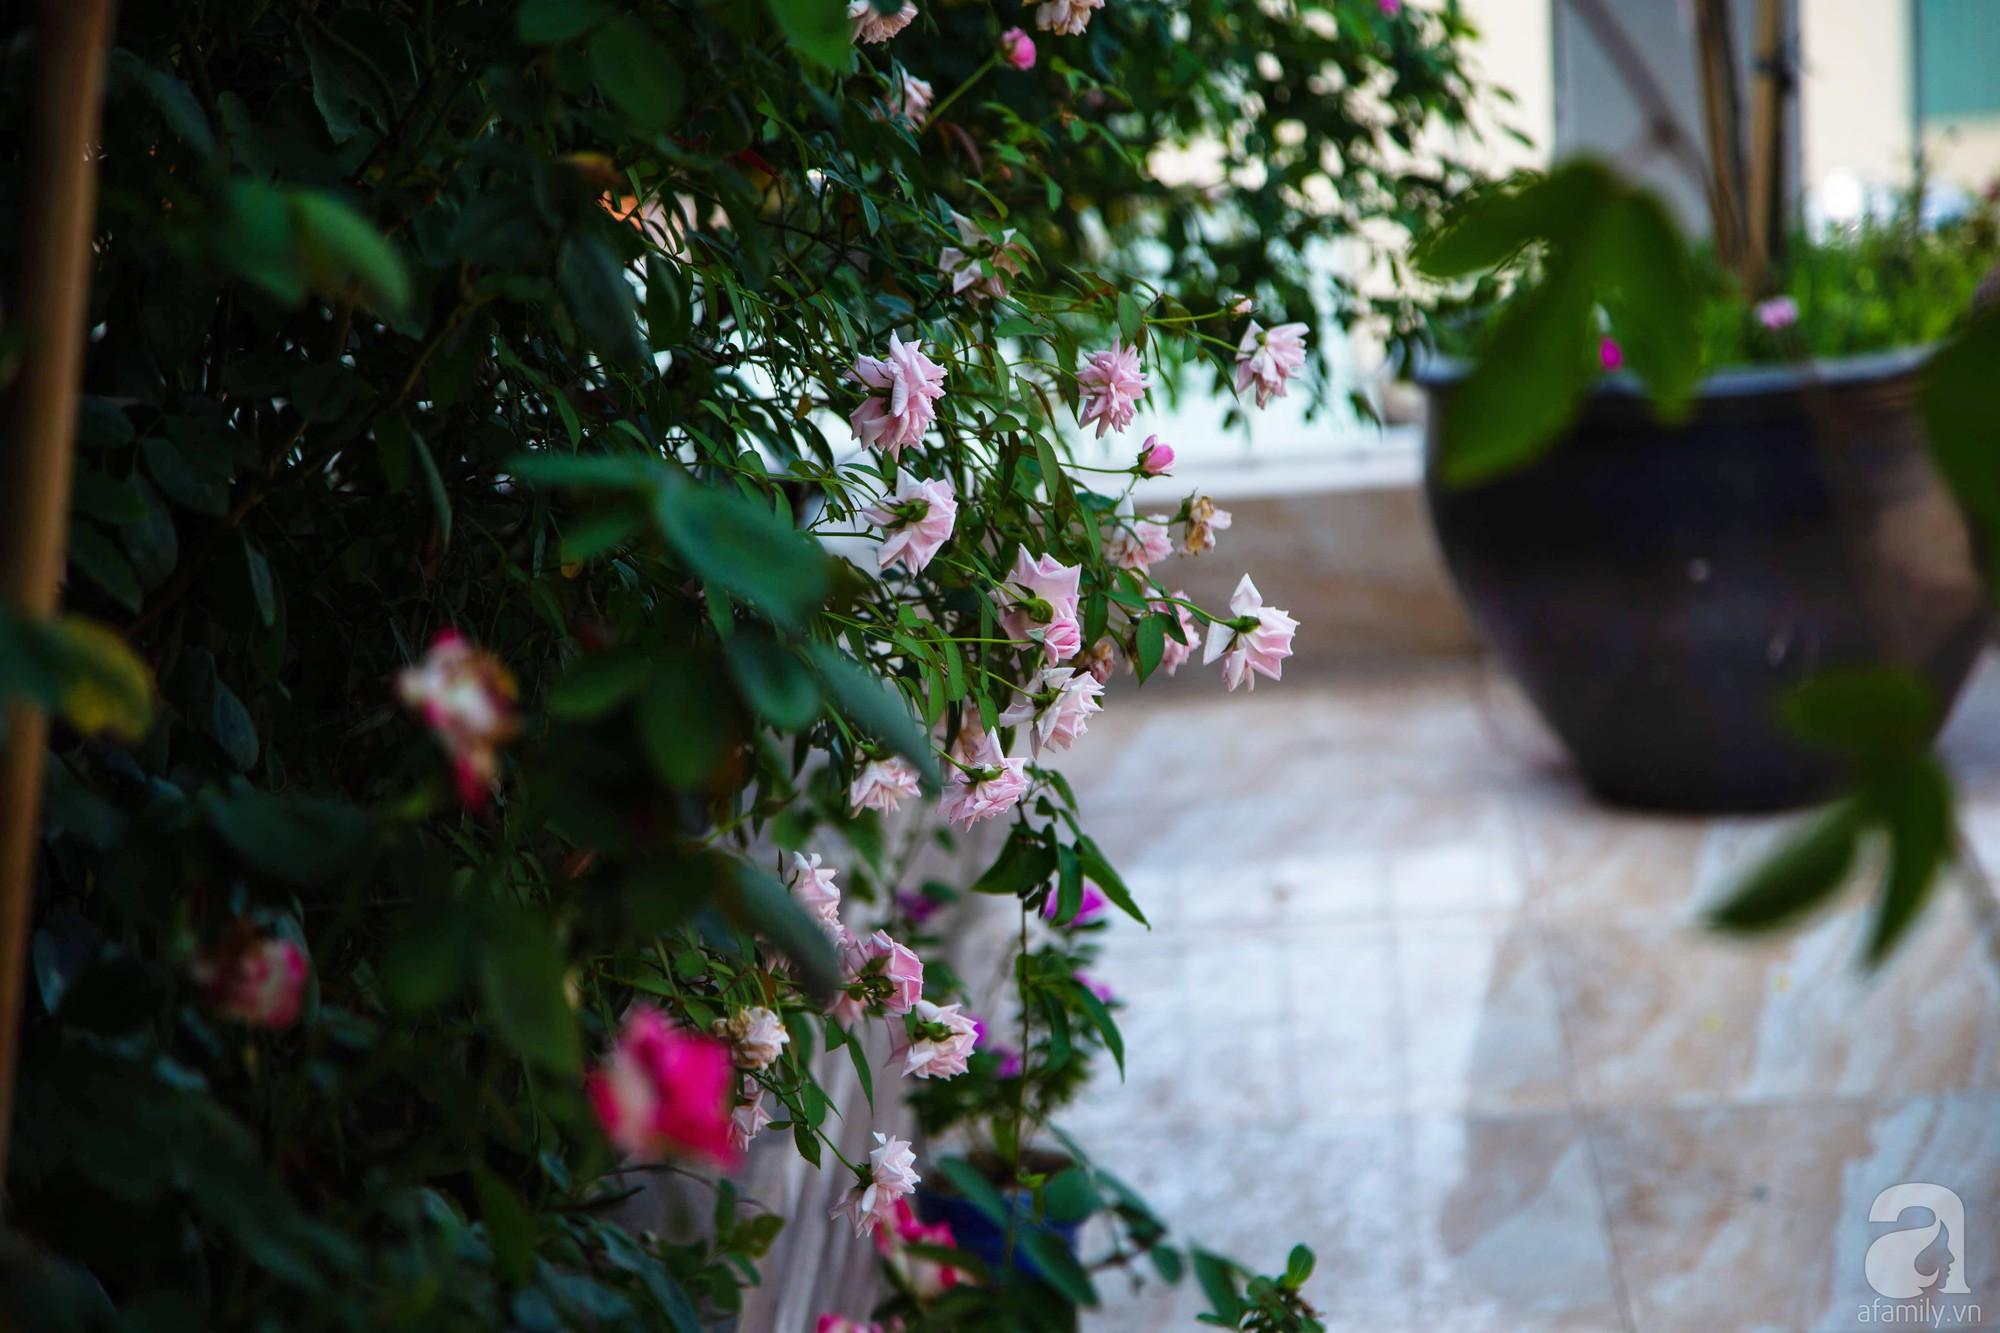 Khu vườn trên sân thượng rộng 200m² đẹp ngỡ ngàng với trăm loài hoa đua nhau khoe sắc ở Hà Nội - 5